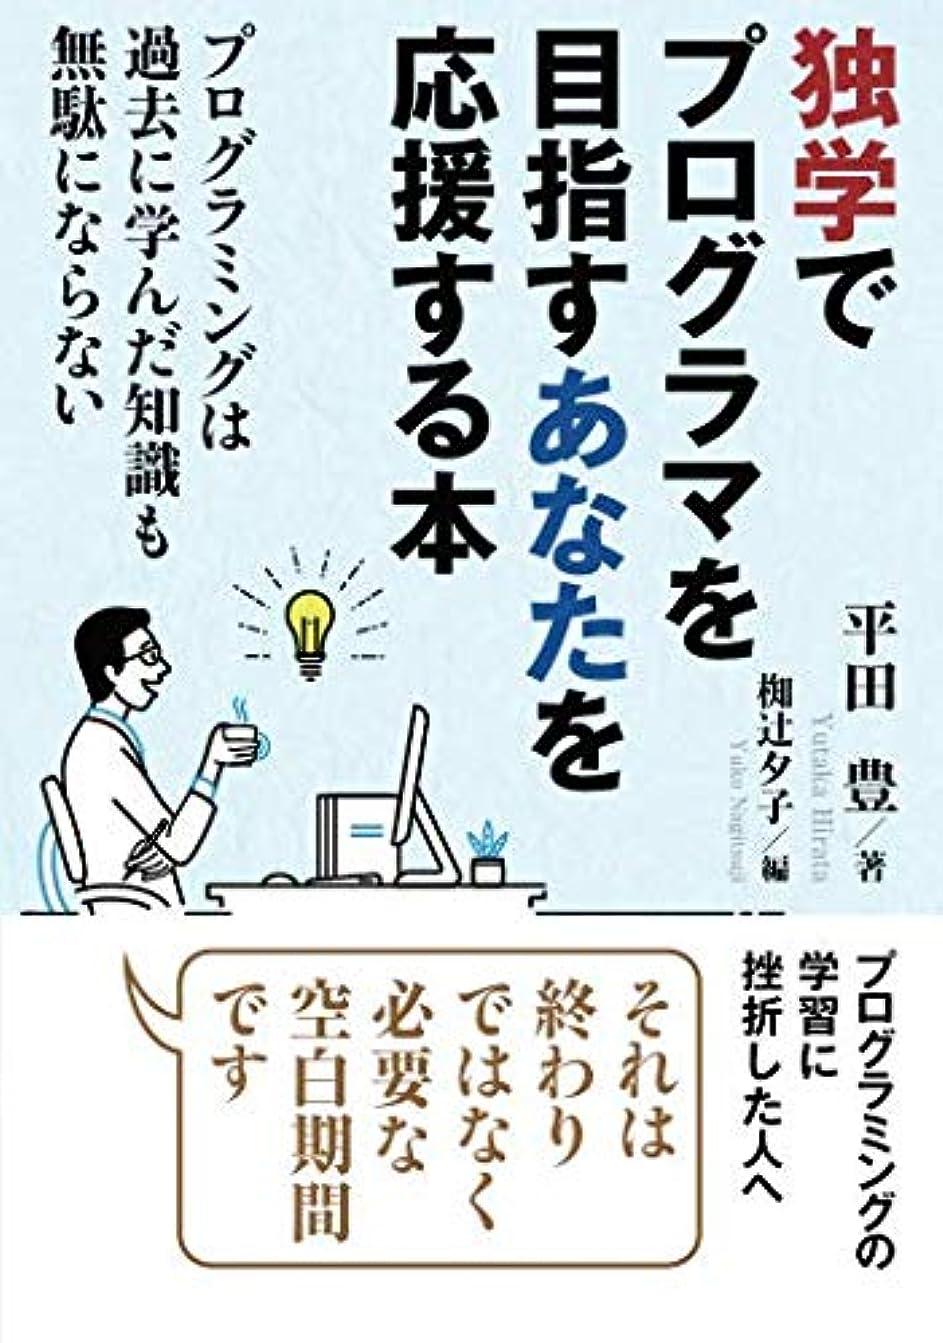 ディプロマ王族農学独学でプログラマを目指すあなたを応援する本。プログラミングは過去に学んだ知識も無駄にならない